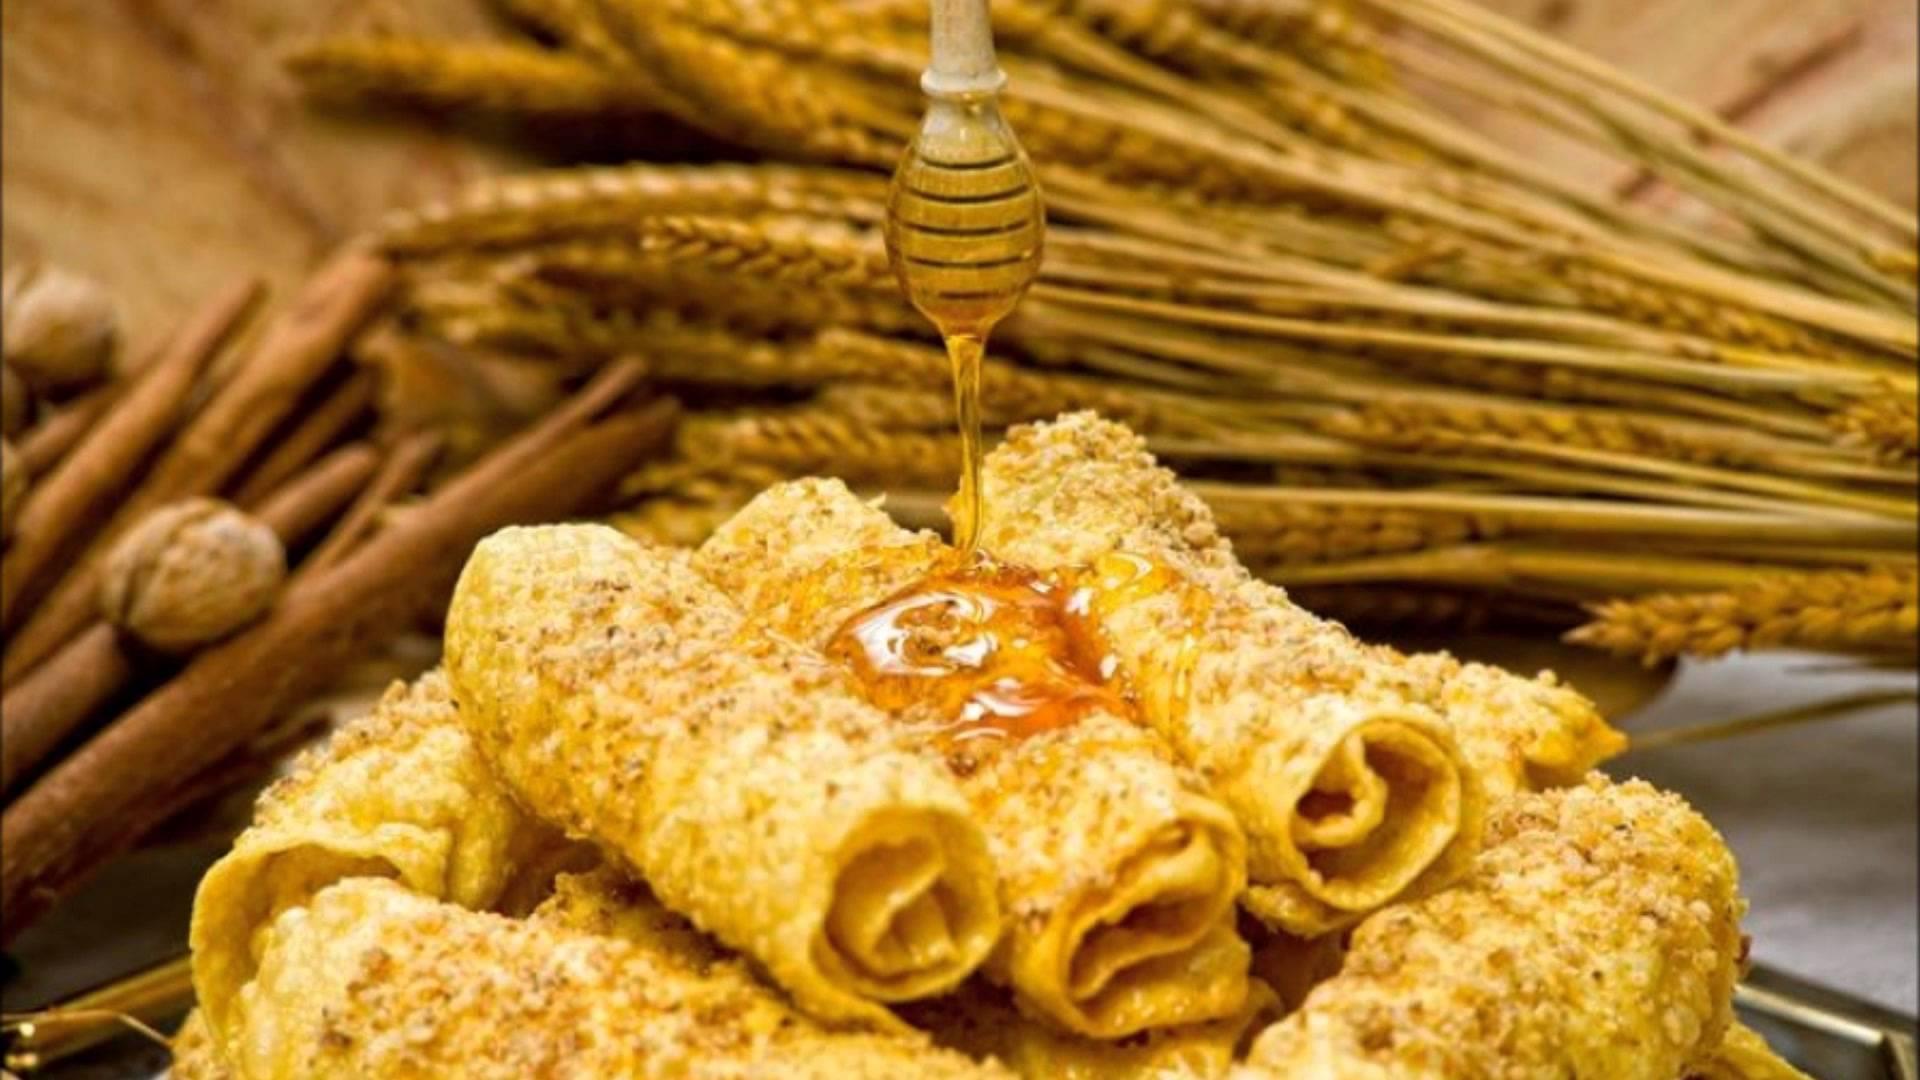 Άρτος και Μέλι: Ένα παραδοσιακό Αρτοποιείο-Ζαχαροπλαστείο που ξεχωρίζει στα Μανιάτικα του Πειραιά